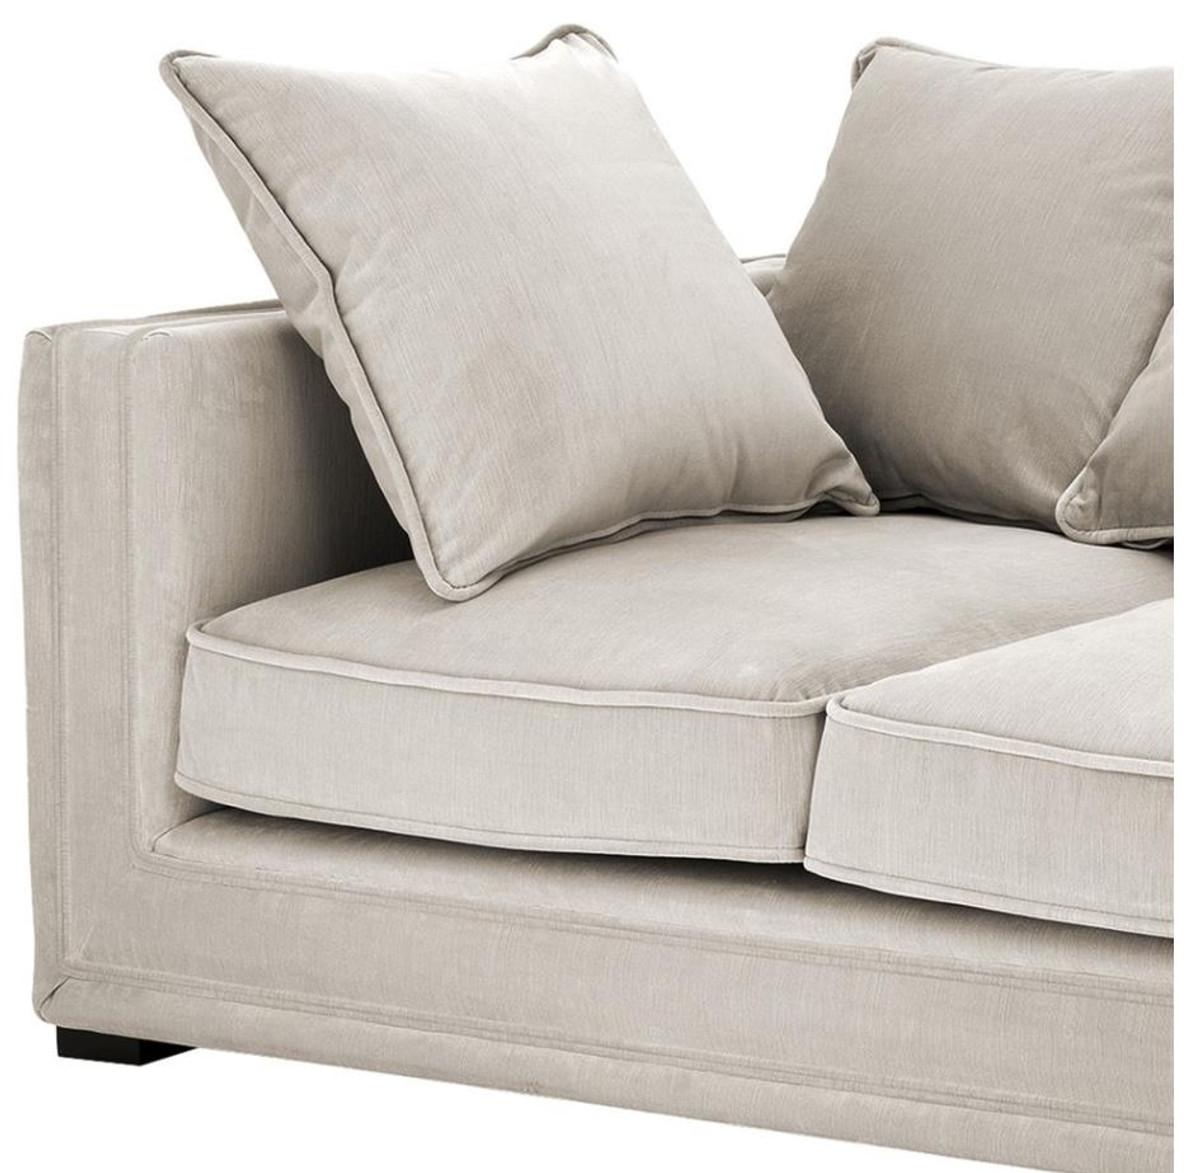 casa padrino luxus designer 3er sofa grau luxus hotel m bel sofas luxus hotel sofas. Black Bedroom Furniture Sets. Home Design Ideas